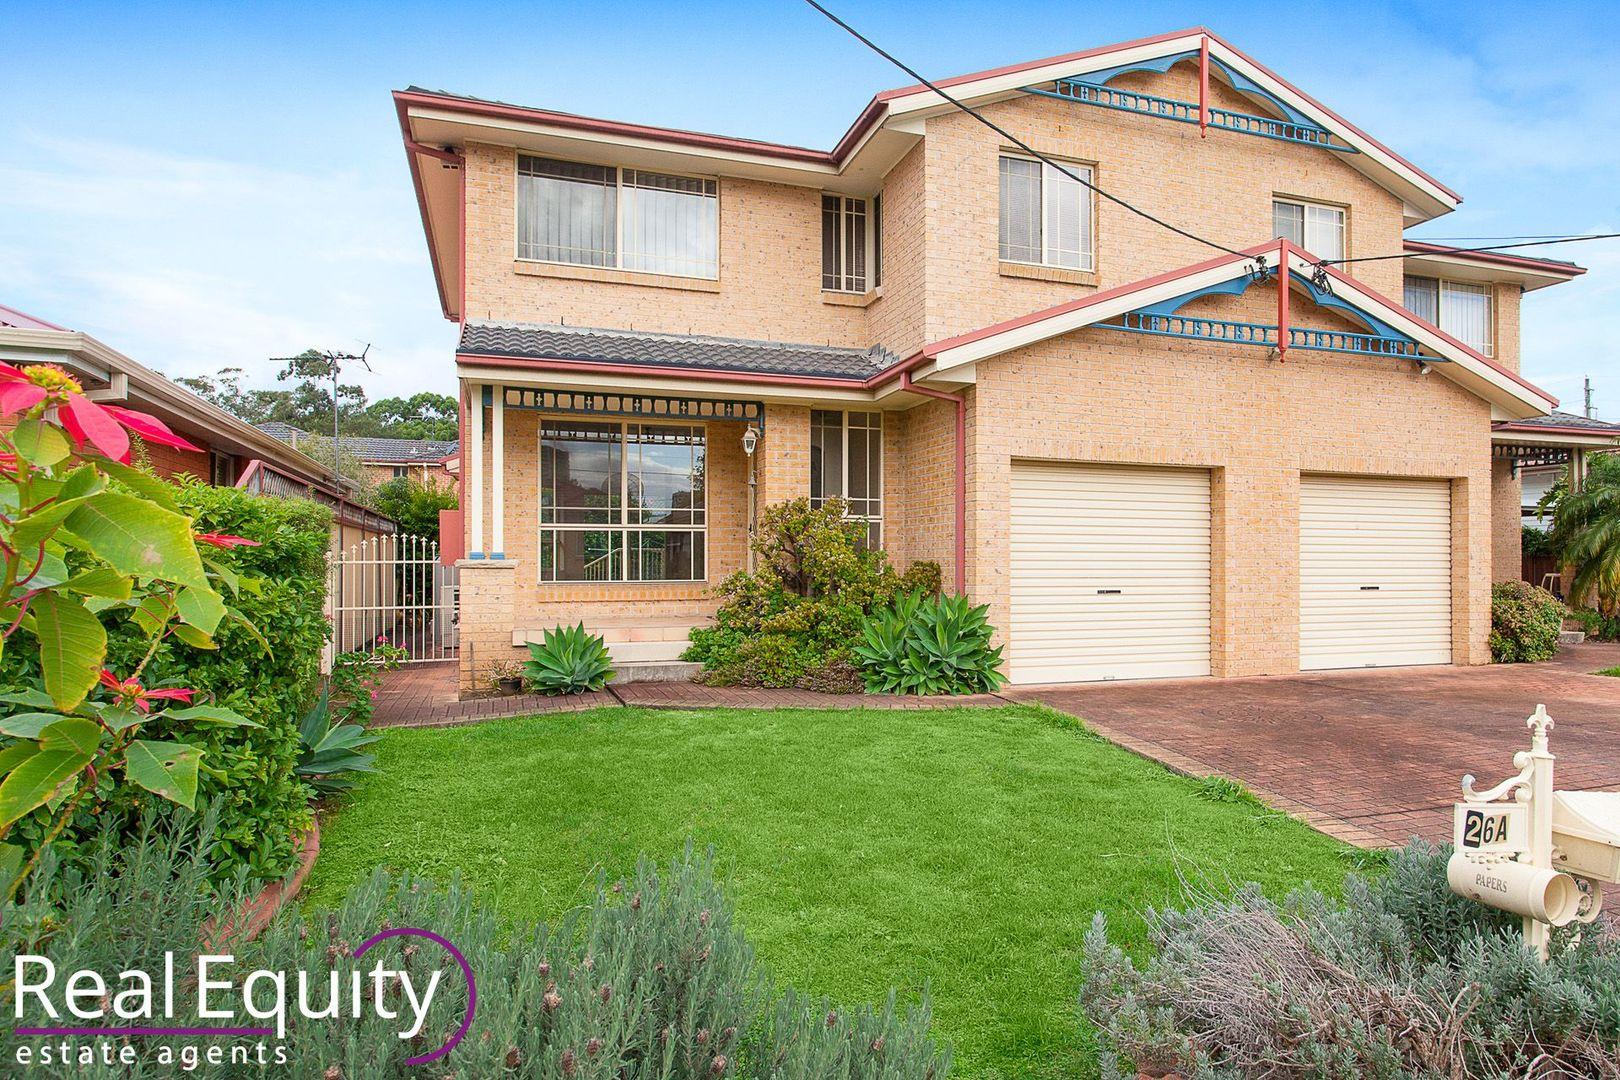 26A Bradshaw Ave, Moorebank NSW 2170, Image 0